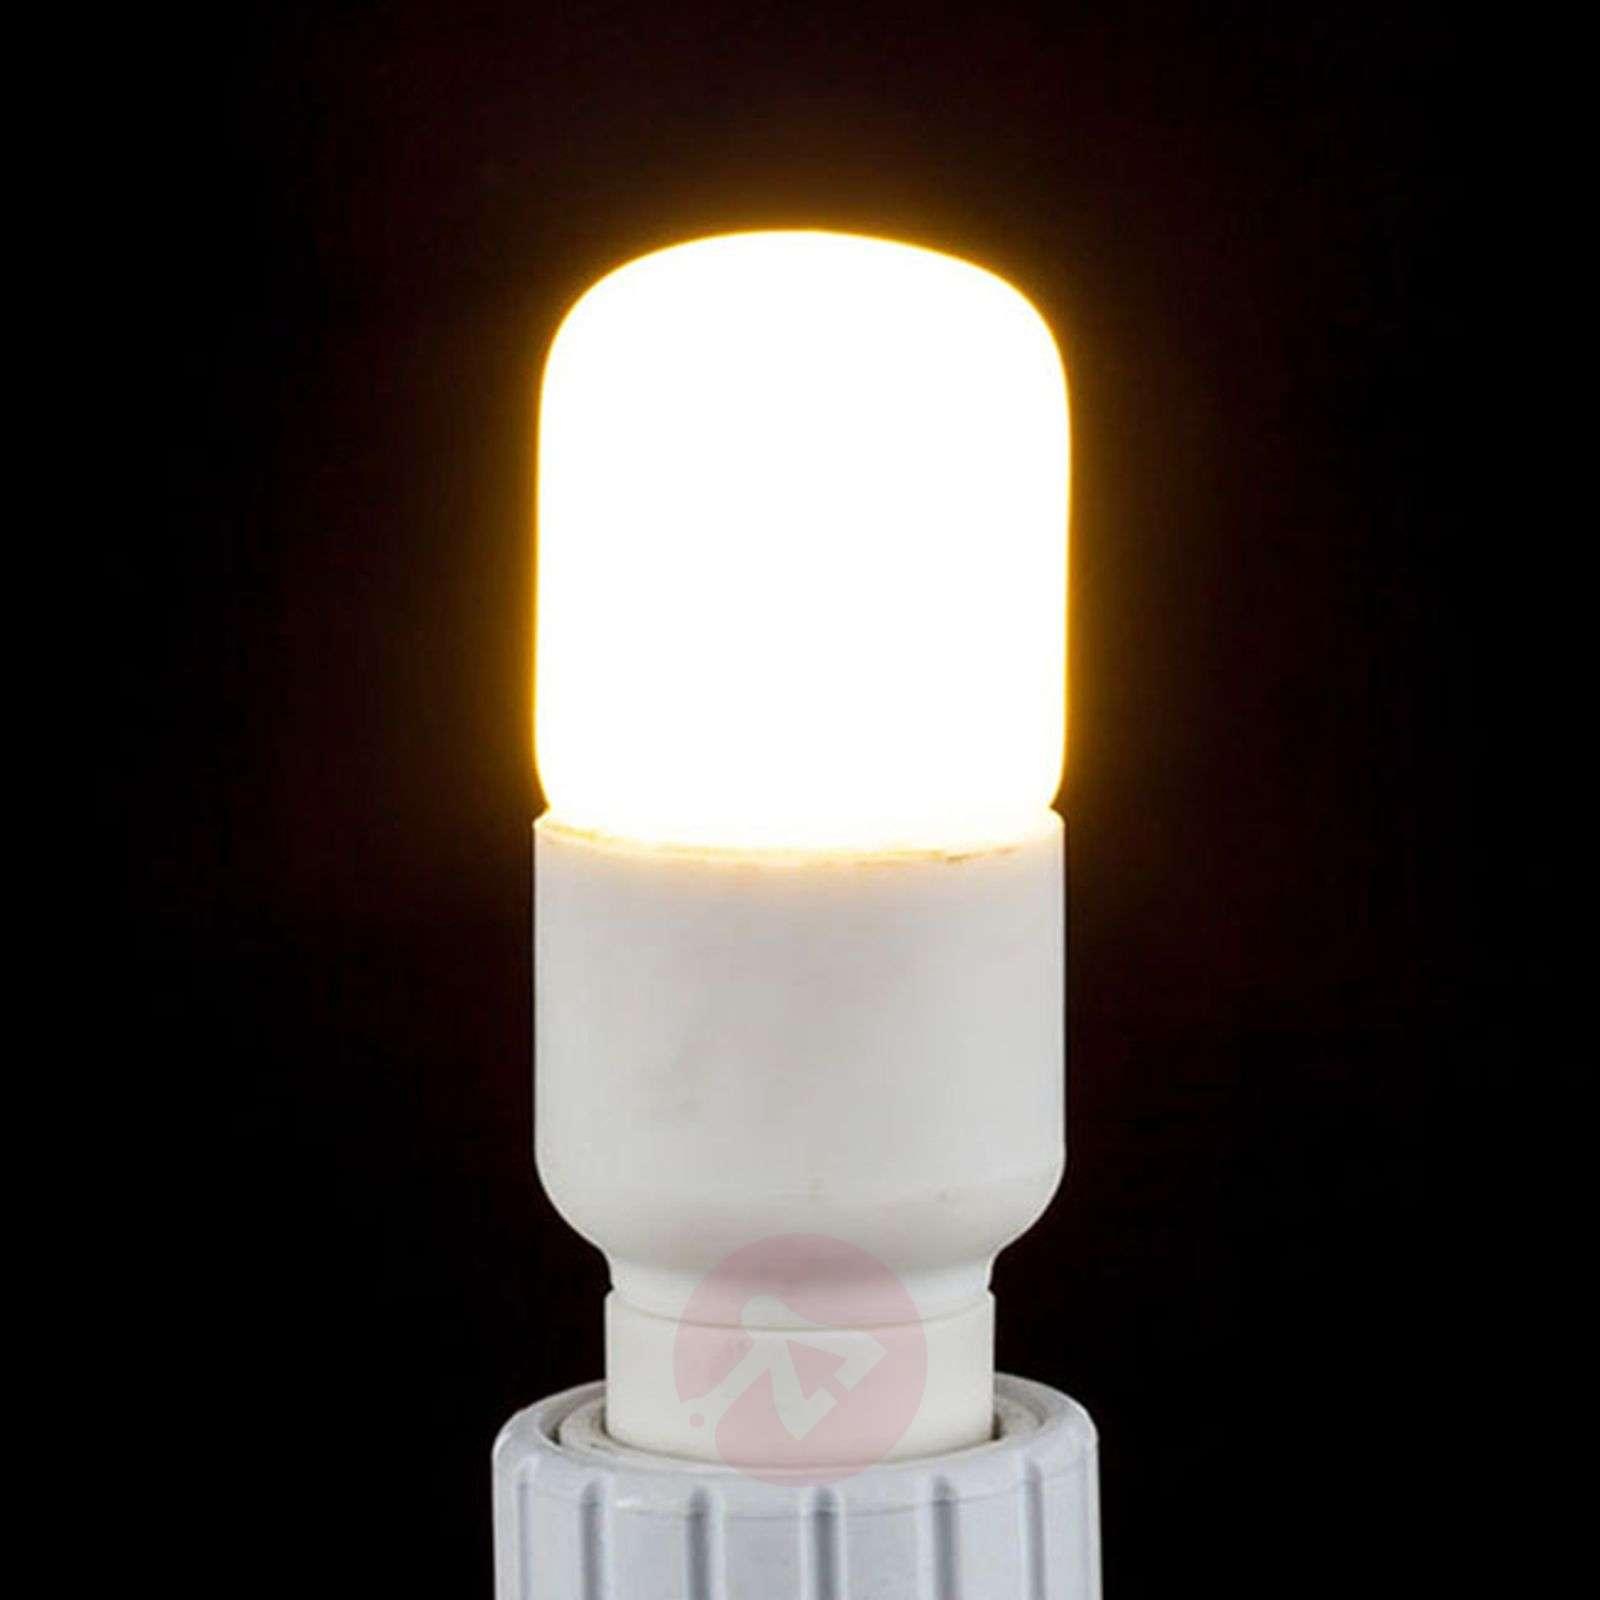 LED-lamppu GU10 5W putkimainen-9646003-01